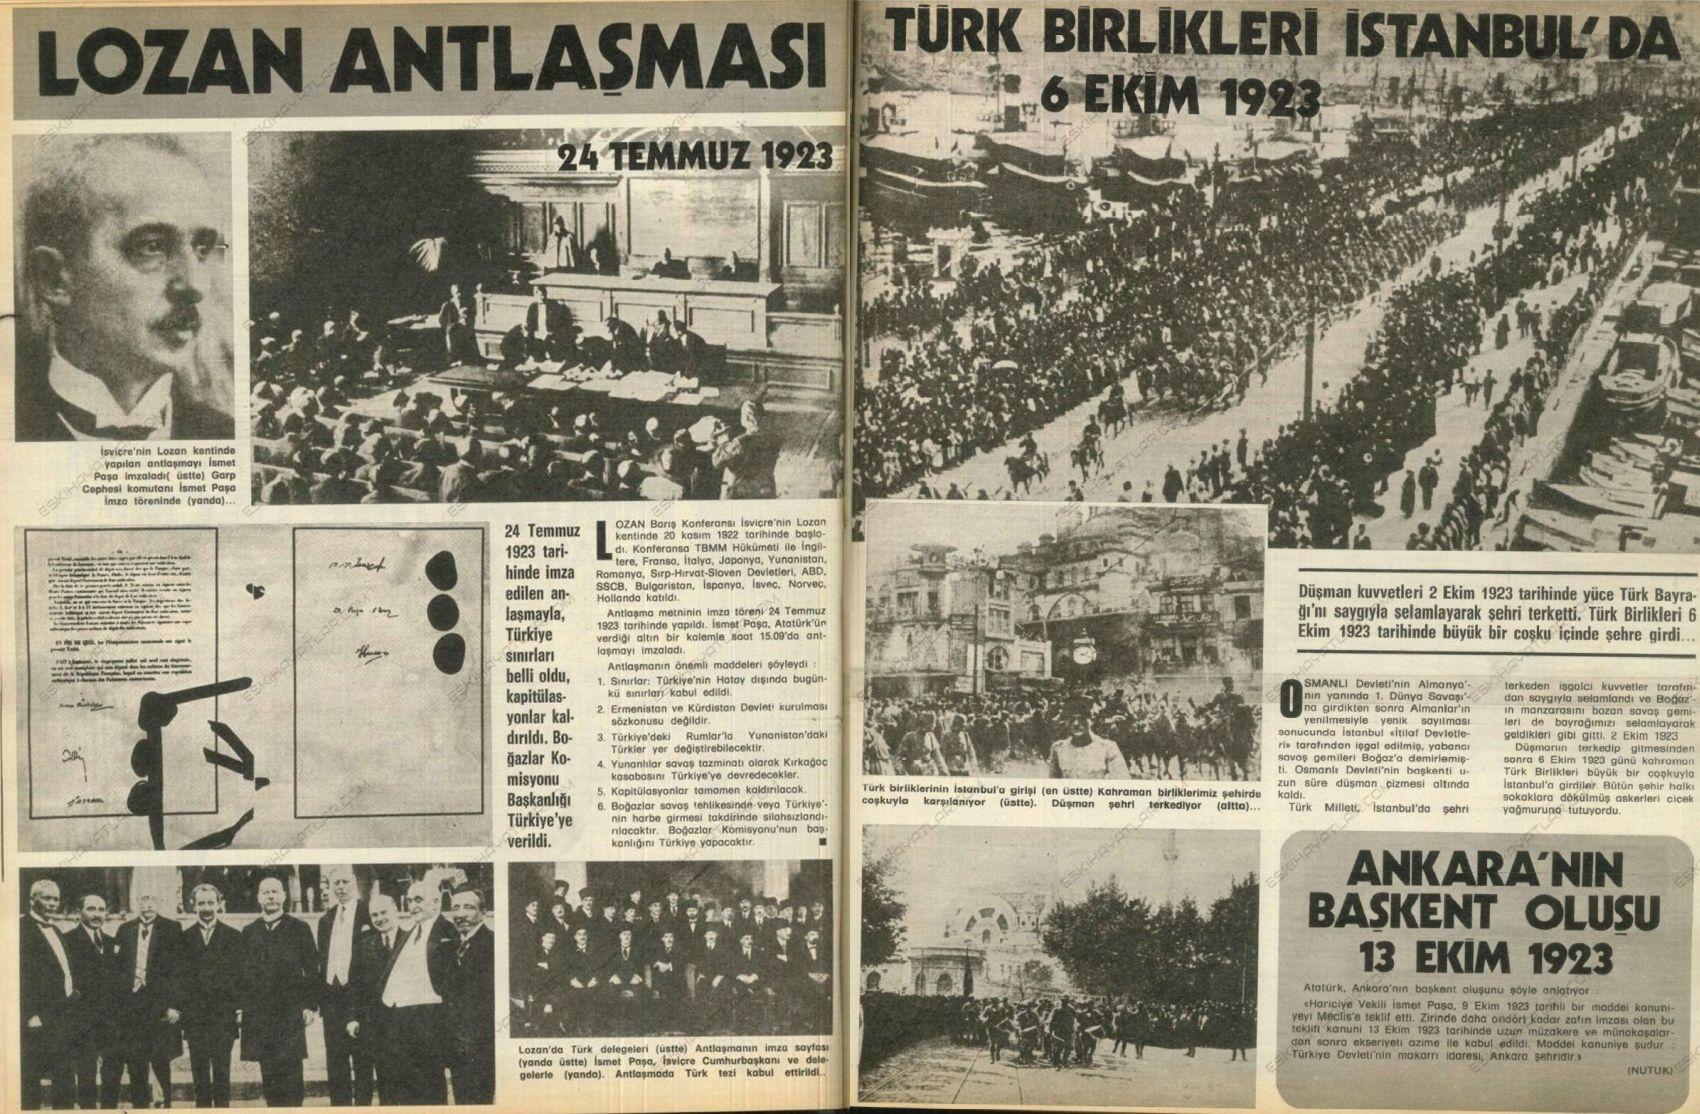 0650-mustafa-kemal-ataturk-istiklal-savasi-fotograflari-cumhuriyet-ilani-buyuk-taarruz-1983-hayat-dergisi-ozel-ekleri (32)